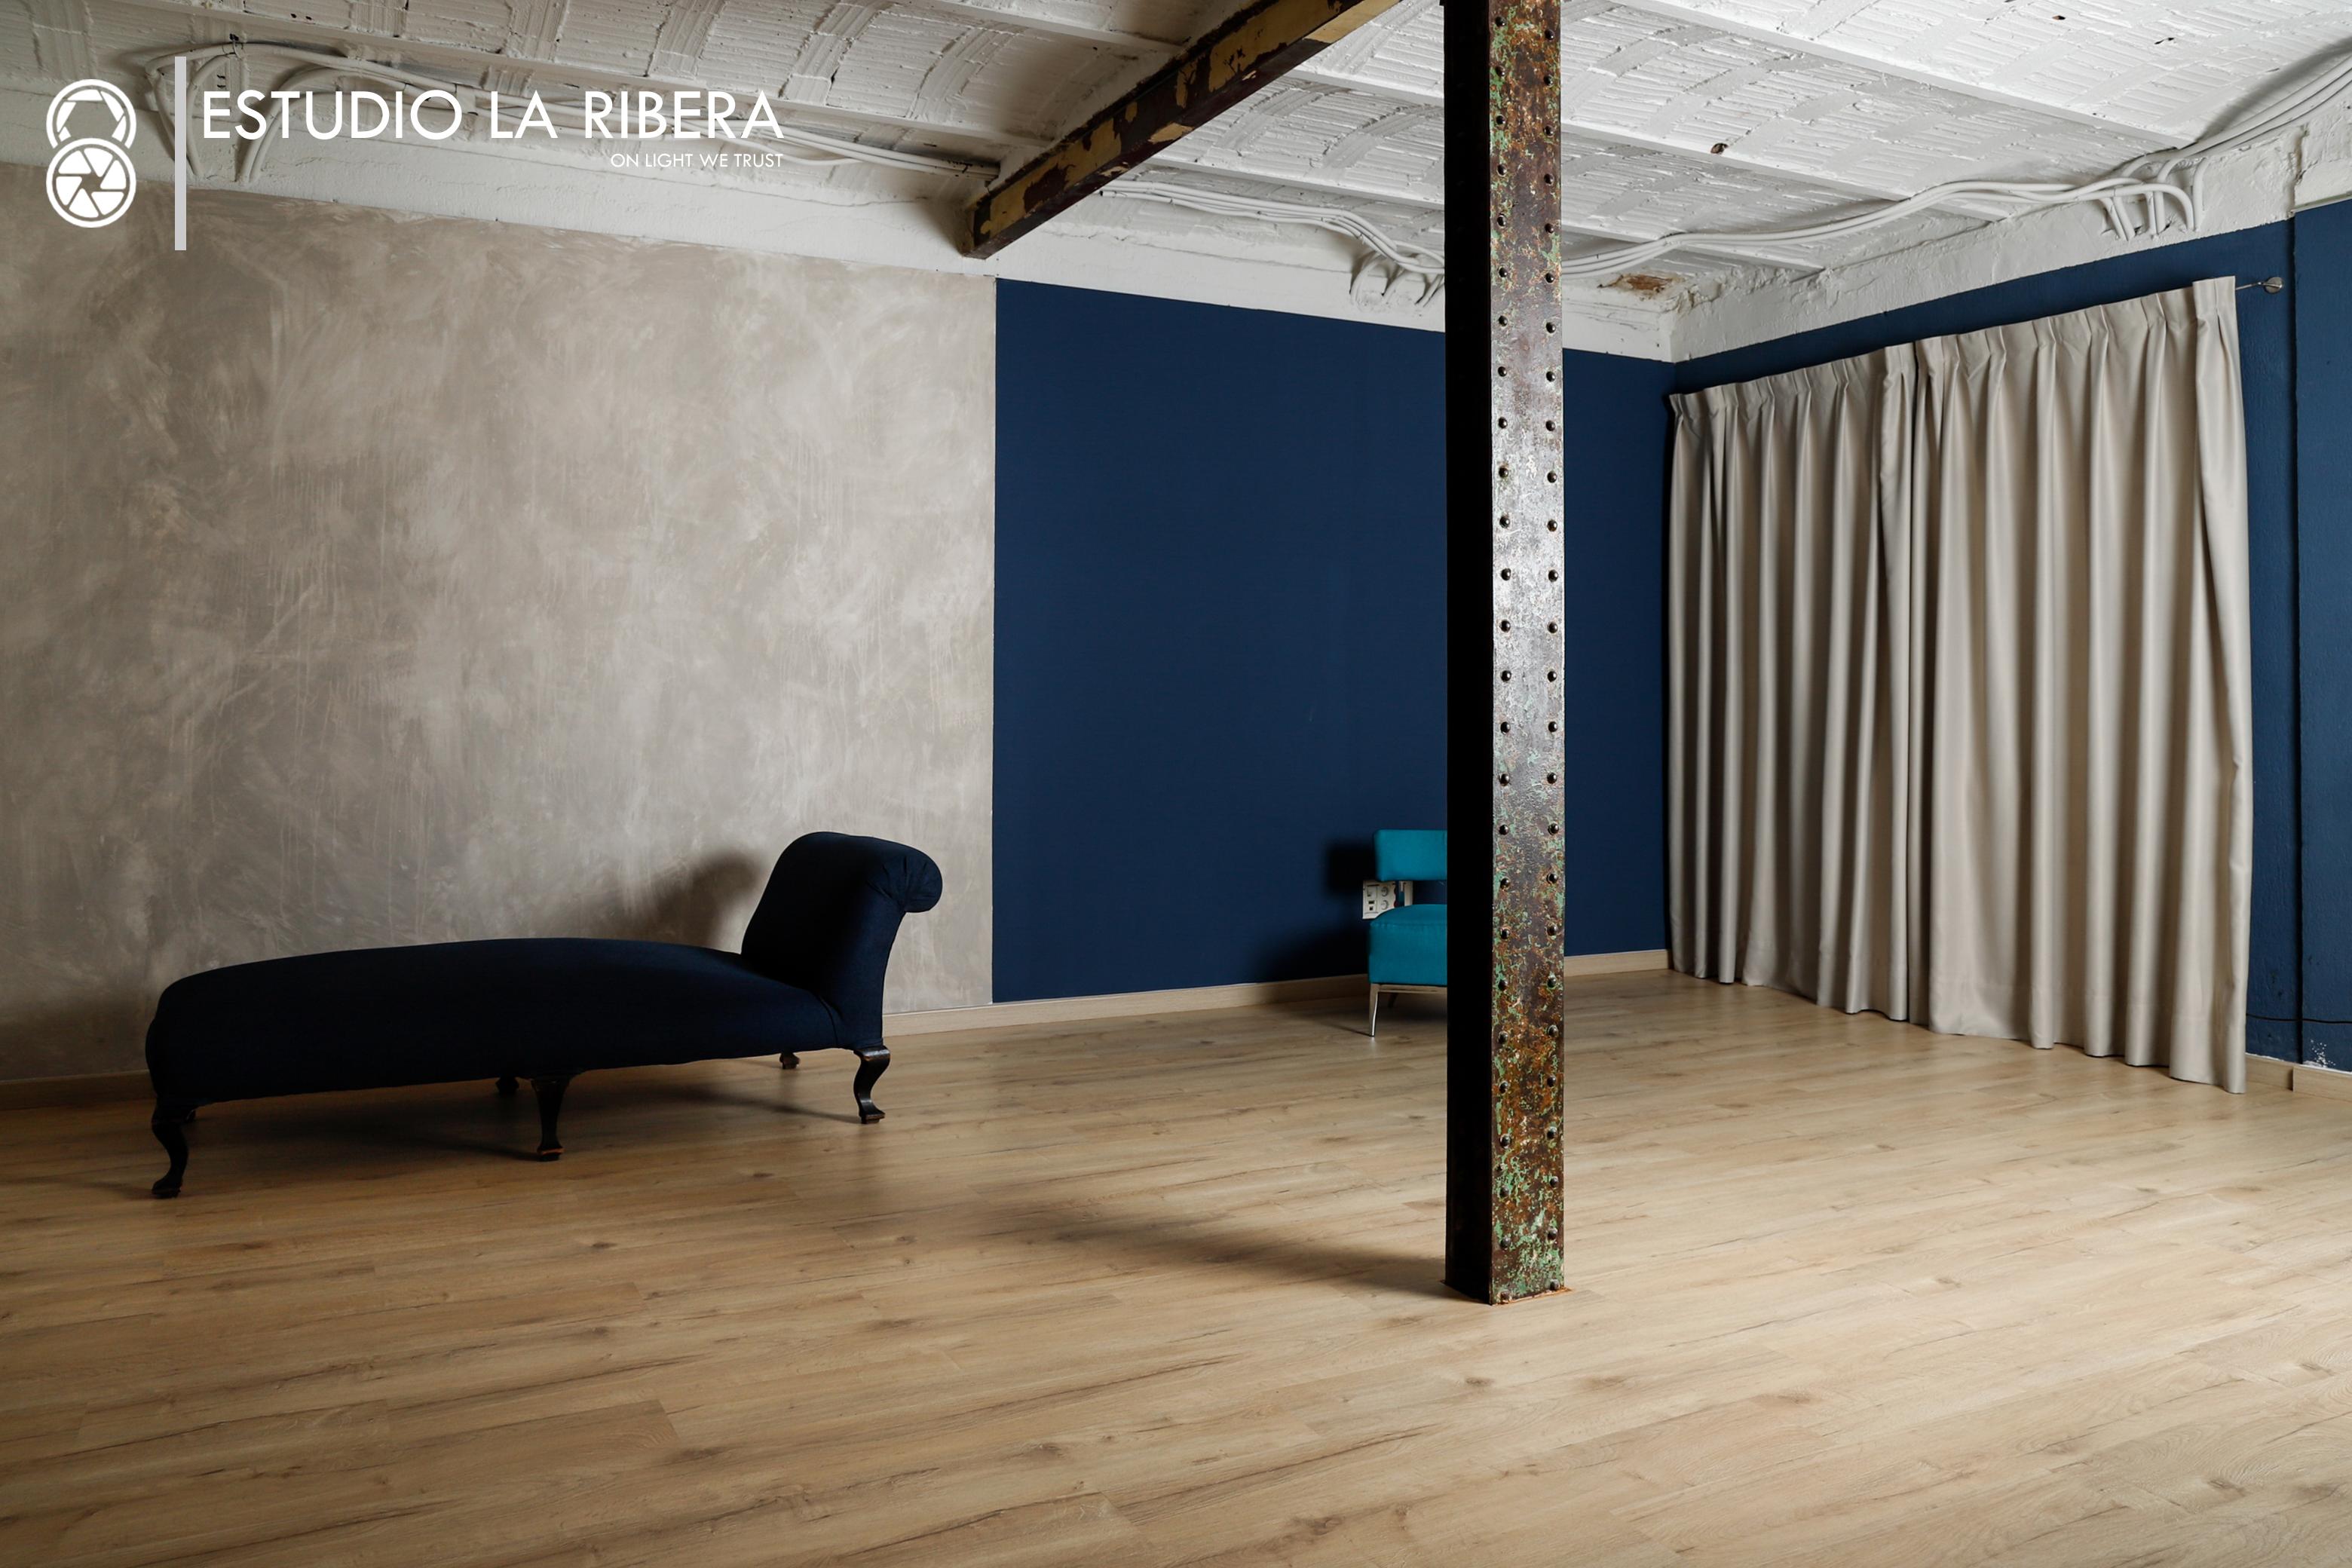 estudio_la_ribera_22